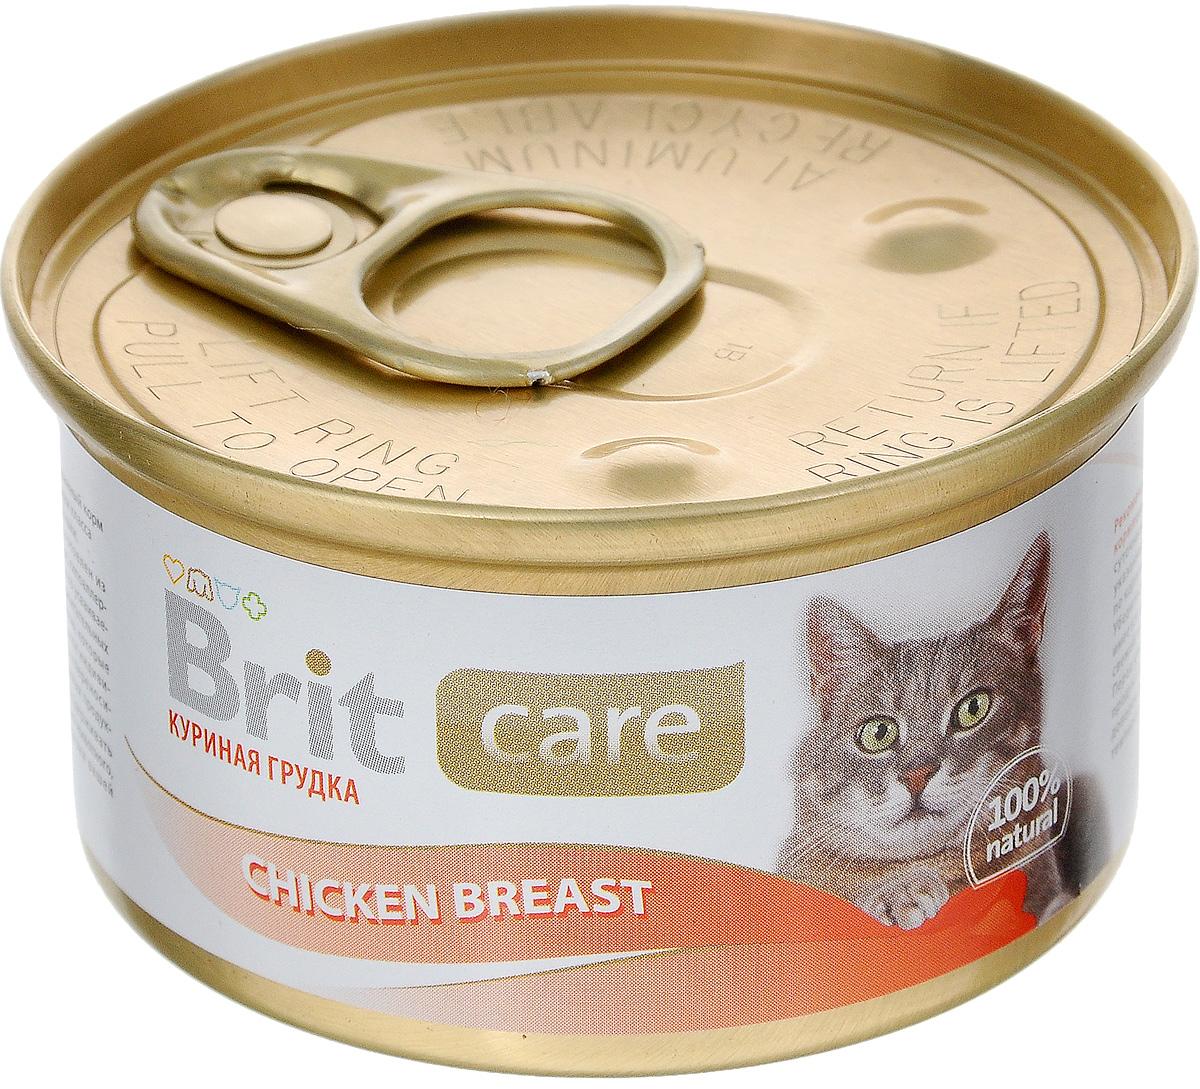 Консервы для кошек Brit Care, с куриной грудкой, 80 г8594031443063Консервы для кошек Brit Care - влажный корм класса премиум для кошек, с куриной грудкой. Изготовлен только из натуральных, гипоаллергенных, легко усваиваемых ингредиентов, которые снижают риск индивидуальной непереносимости пищевых продуктов. Корм помогает поддерживать внутренний баланс организма животного, что улучшает качество жизни вашей кошки. Энергетическая ценность (на 100 г): 41 ккал. Товар сертифицирован.